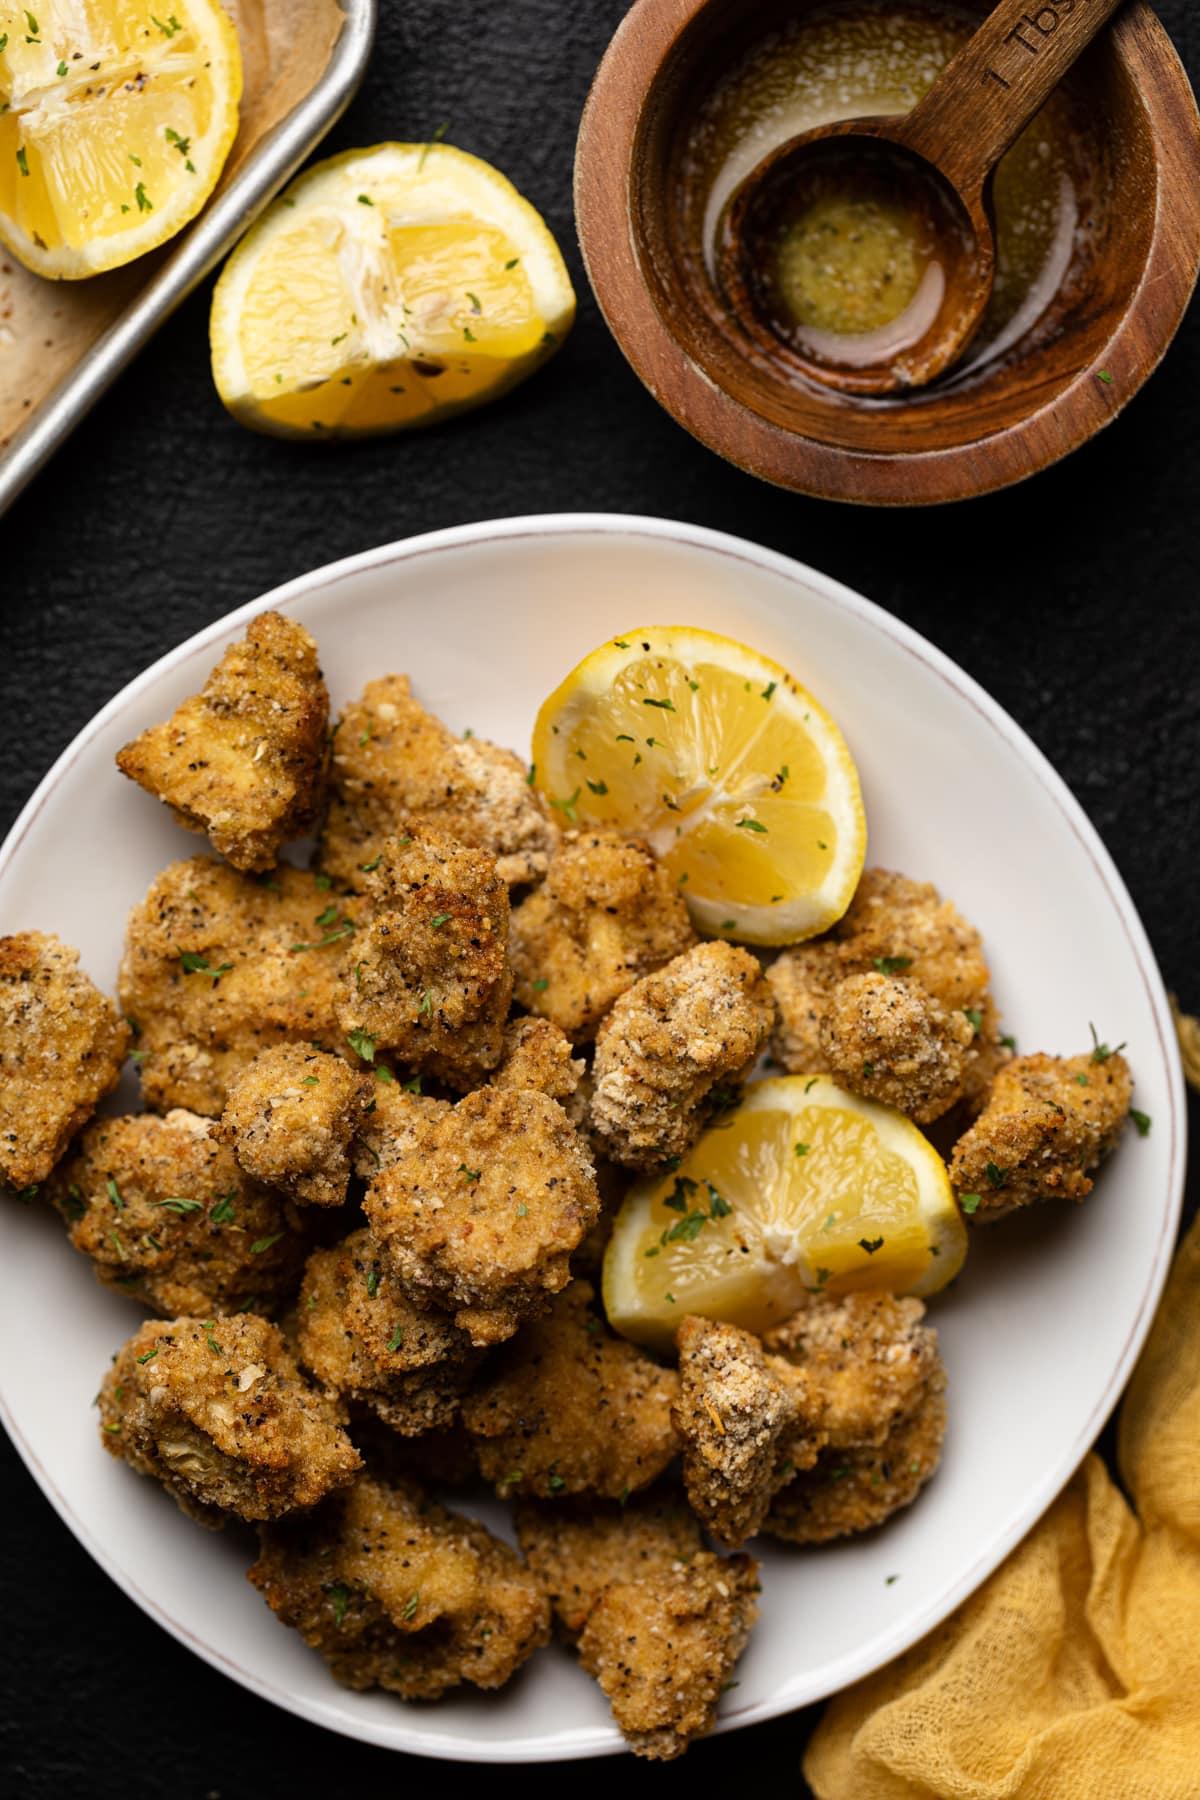 Lemon Pepper Cauliflower Bites on a plate with lemon wedges